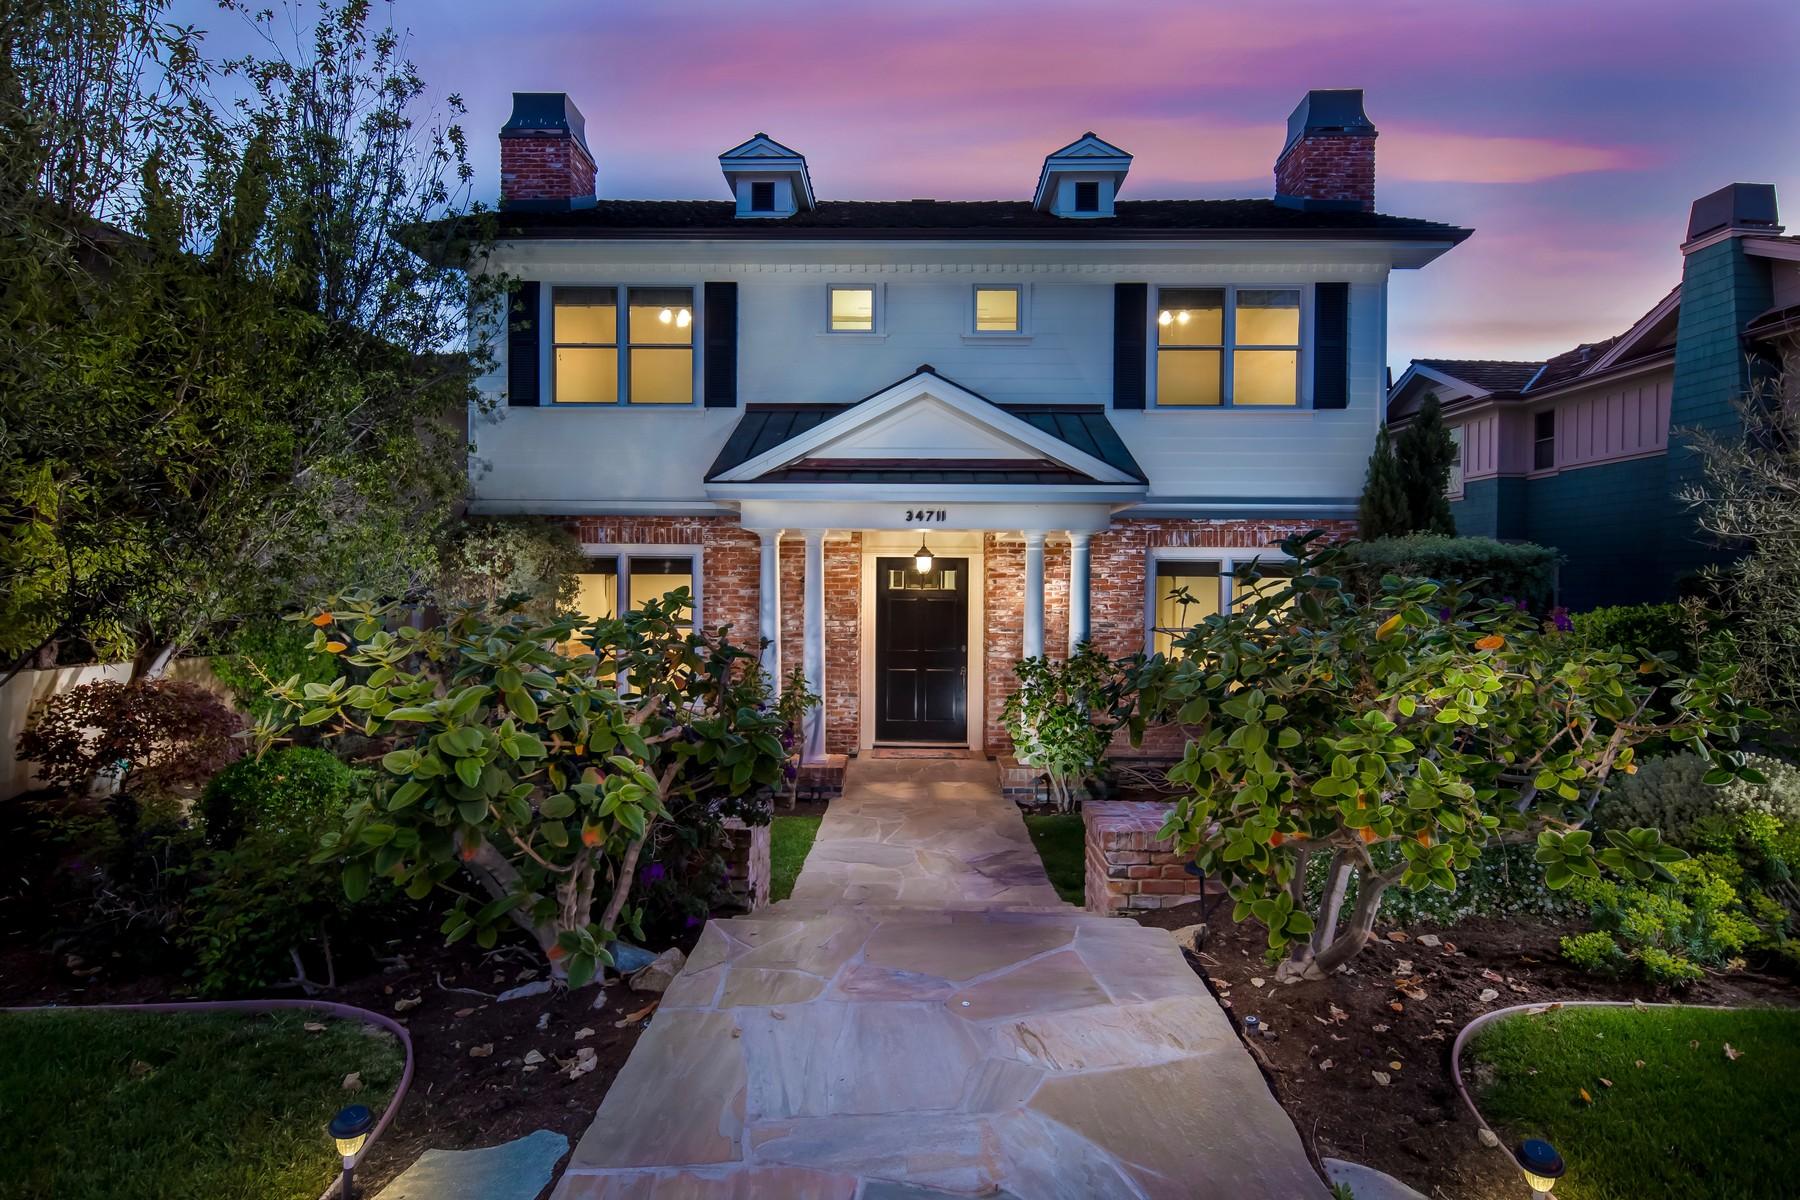 独户住宅 为 销售 在 34711 Calle Loma 德纳, 加利福尼亚州, 92624 美国